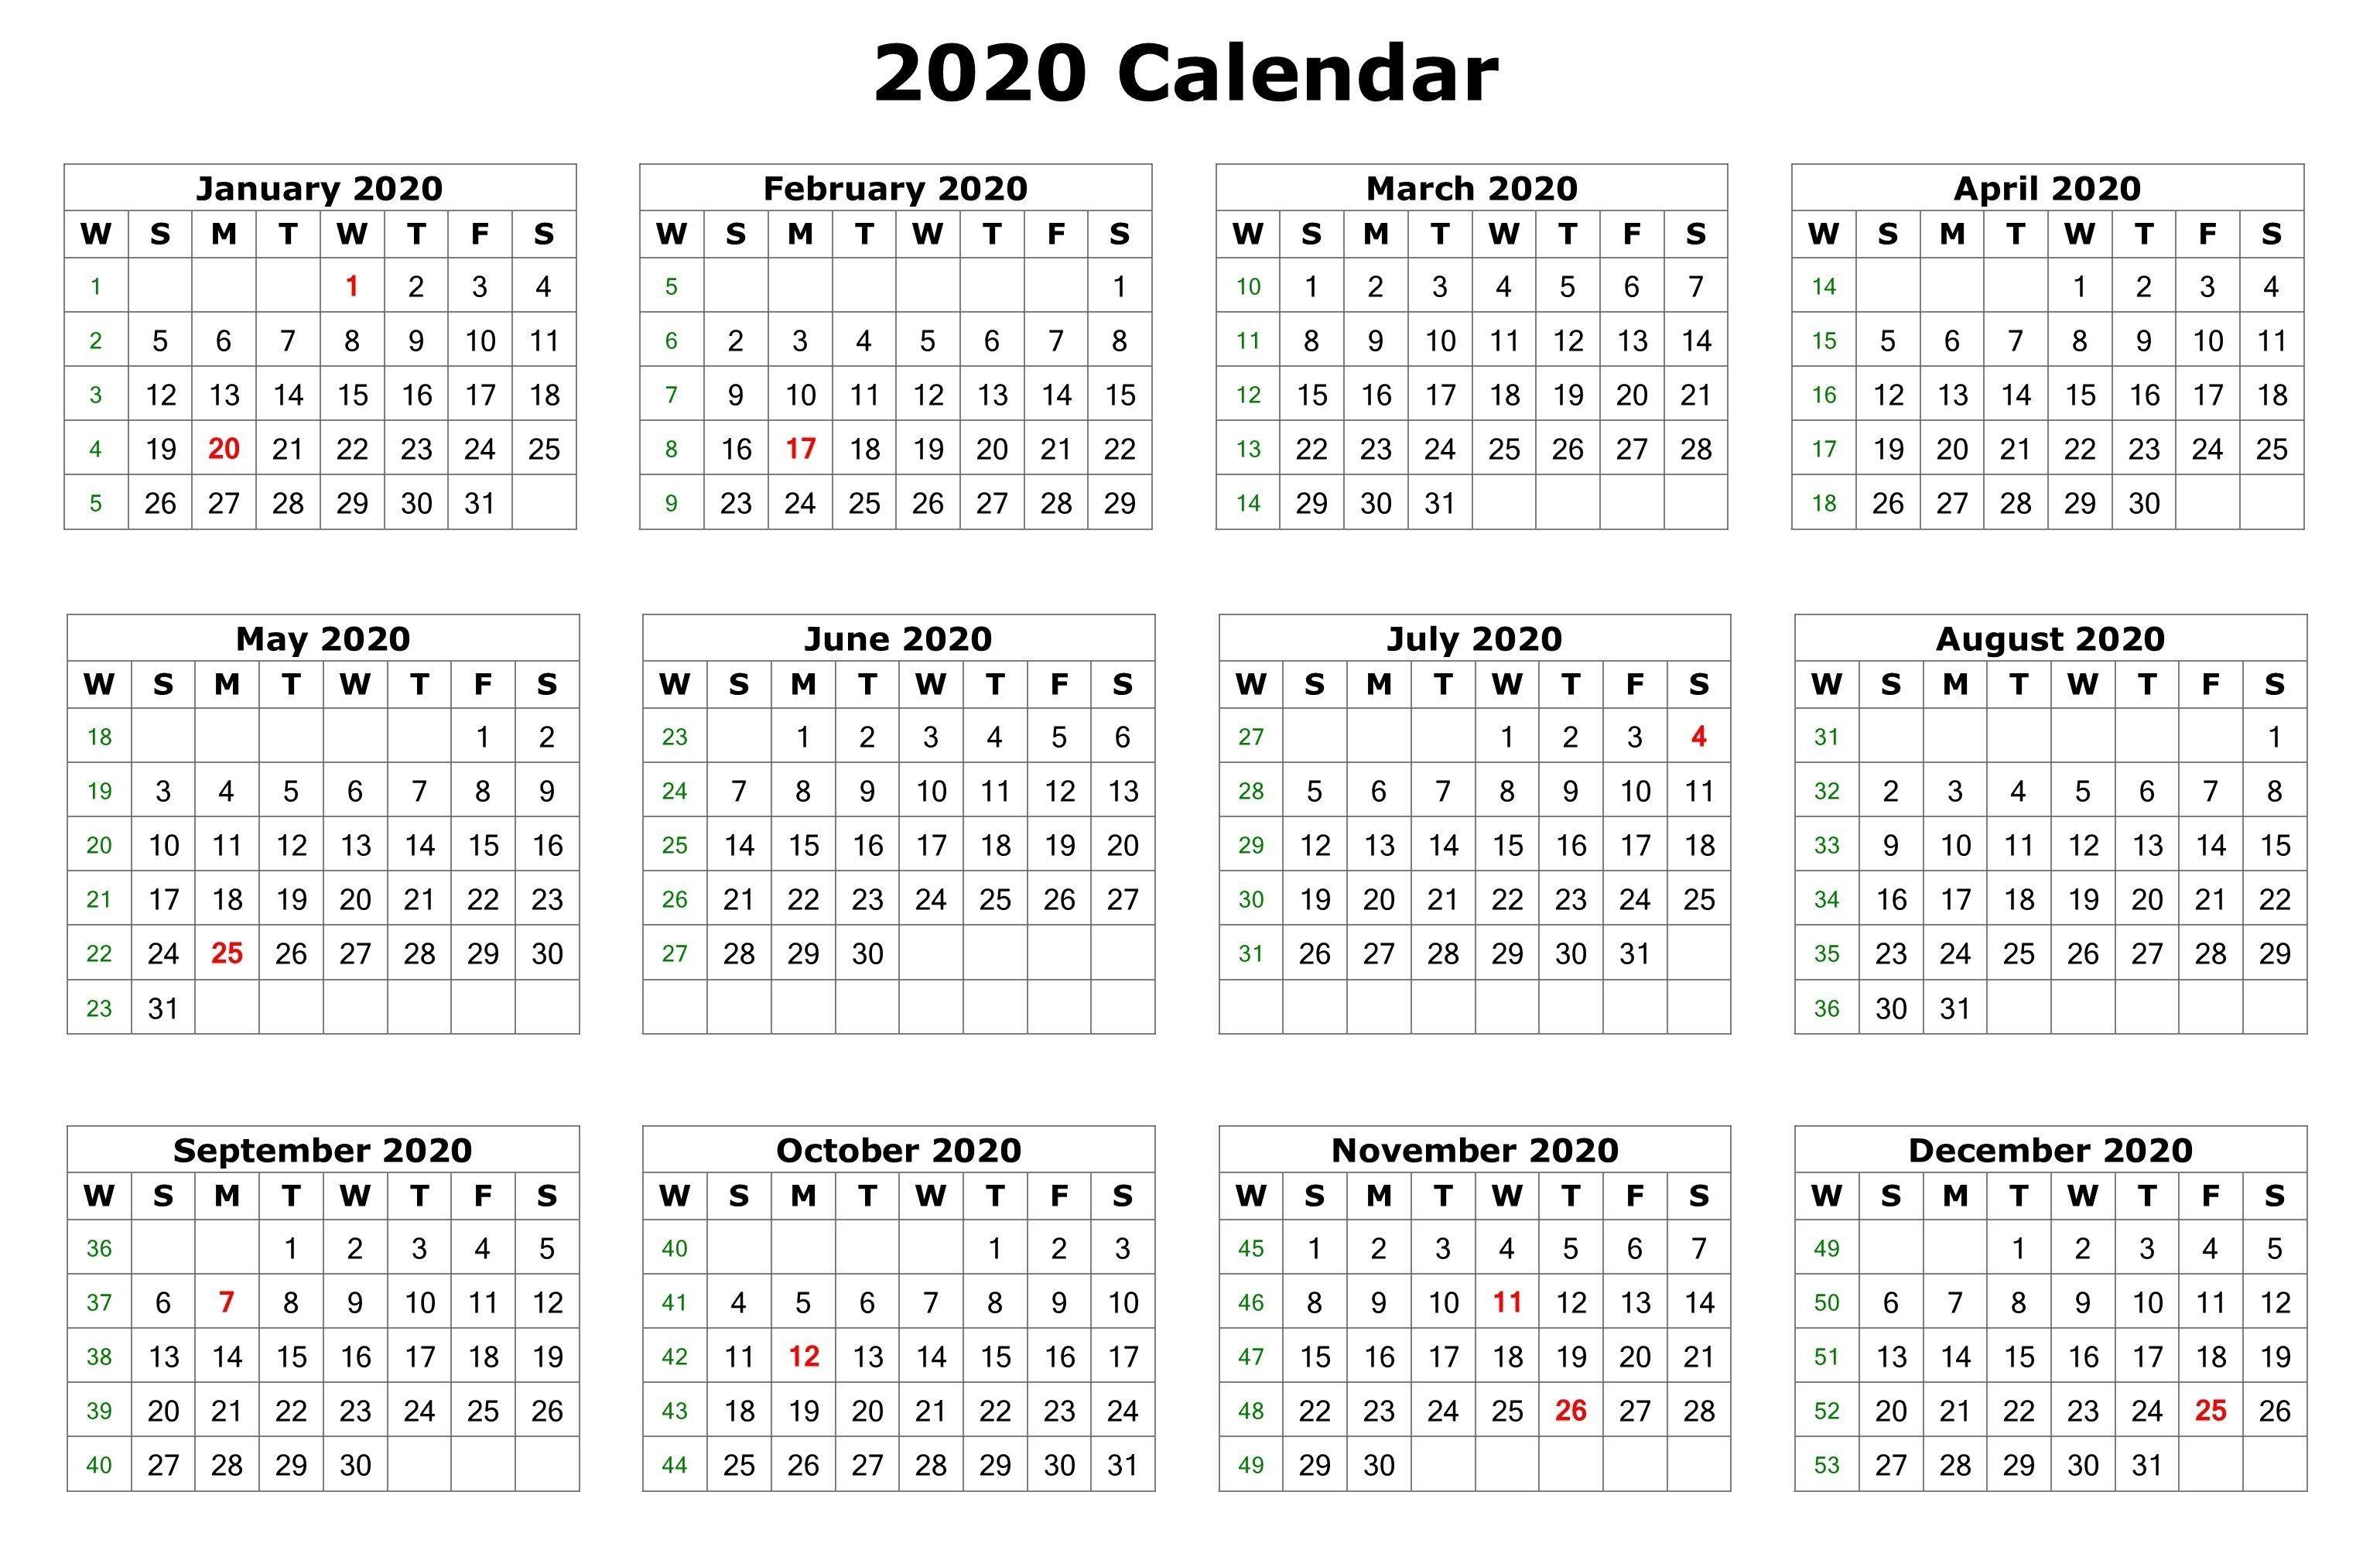 Printable Calendar by Month 2020 2020 12 Months Calendar Printable